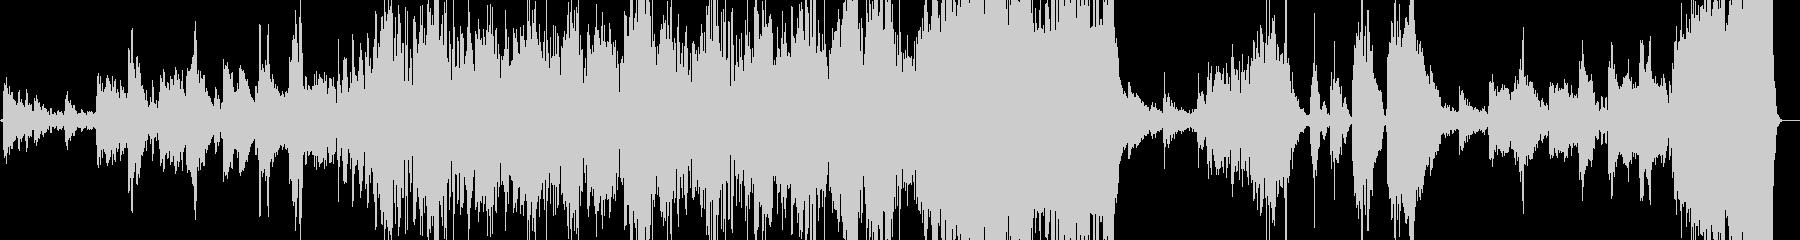 自分の指針「羅針盤」を胸に進む音楽の未再生の波形